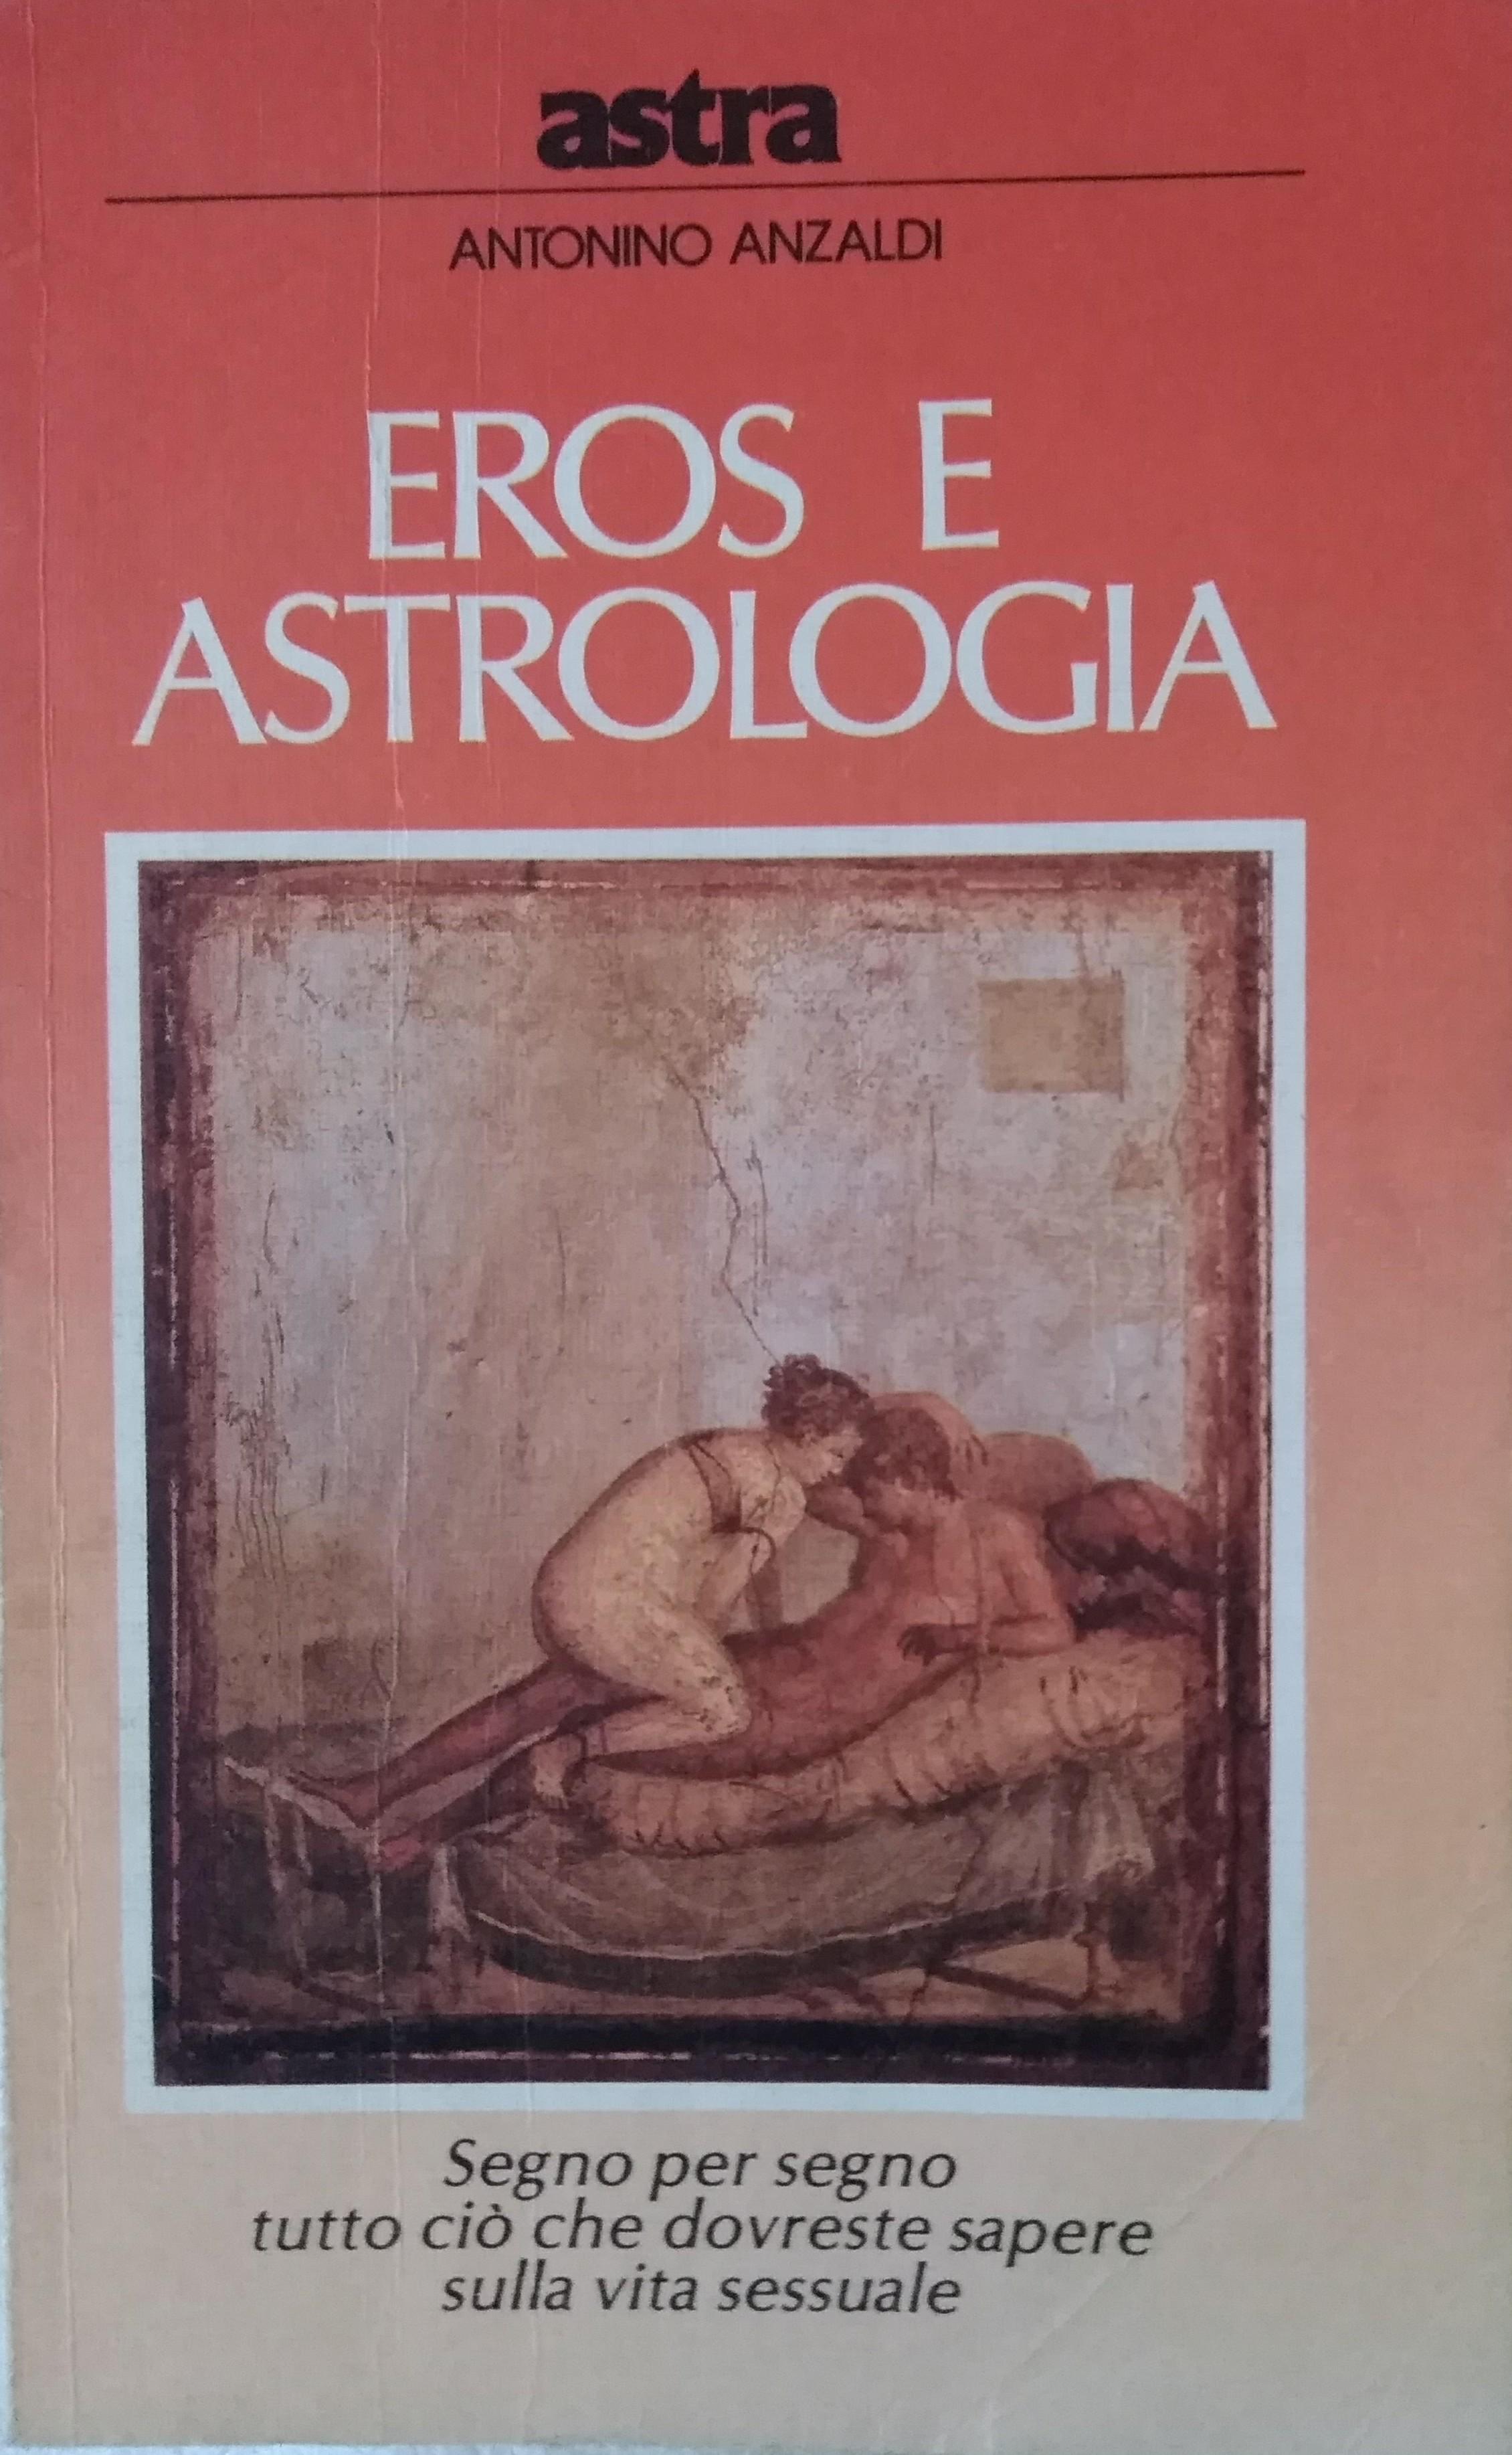 Eros e astrologia